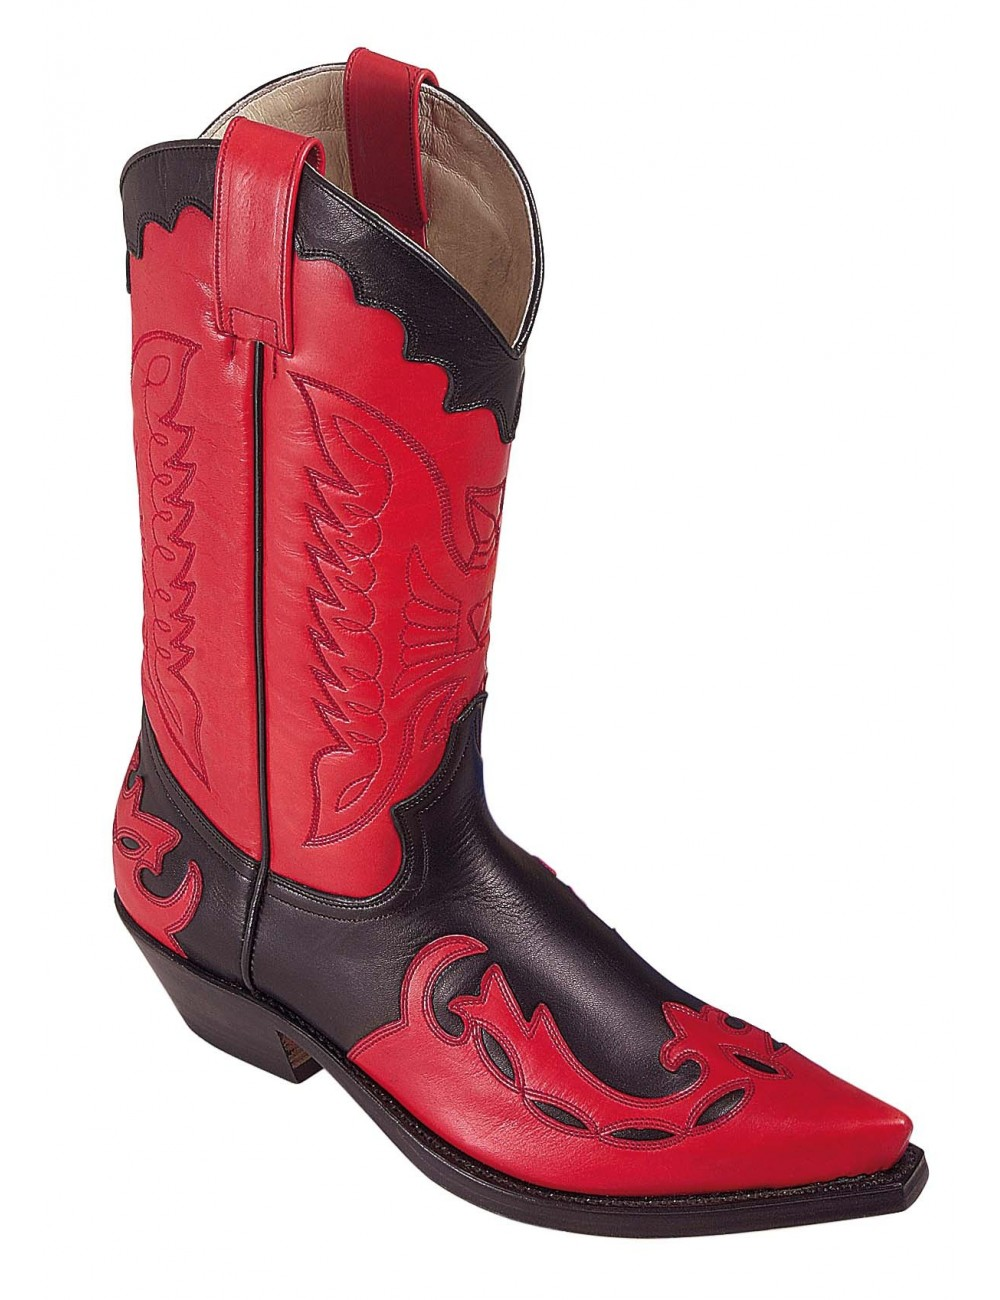 Santiags mexicaines cuir rouge et noir - Bottes santiags country